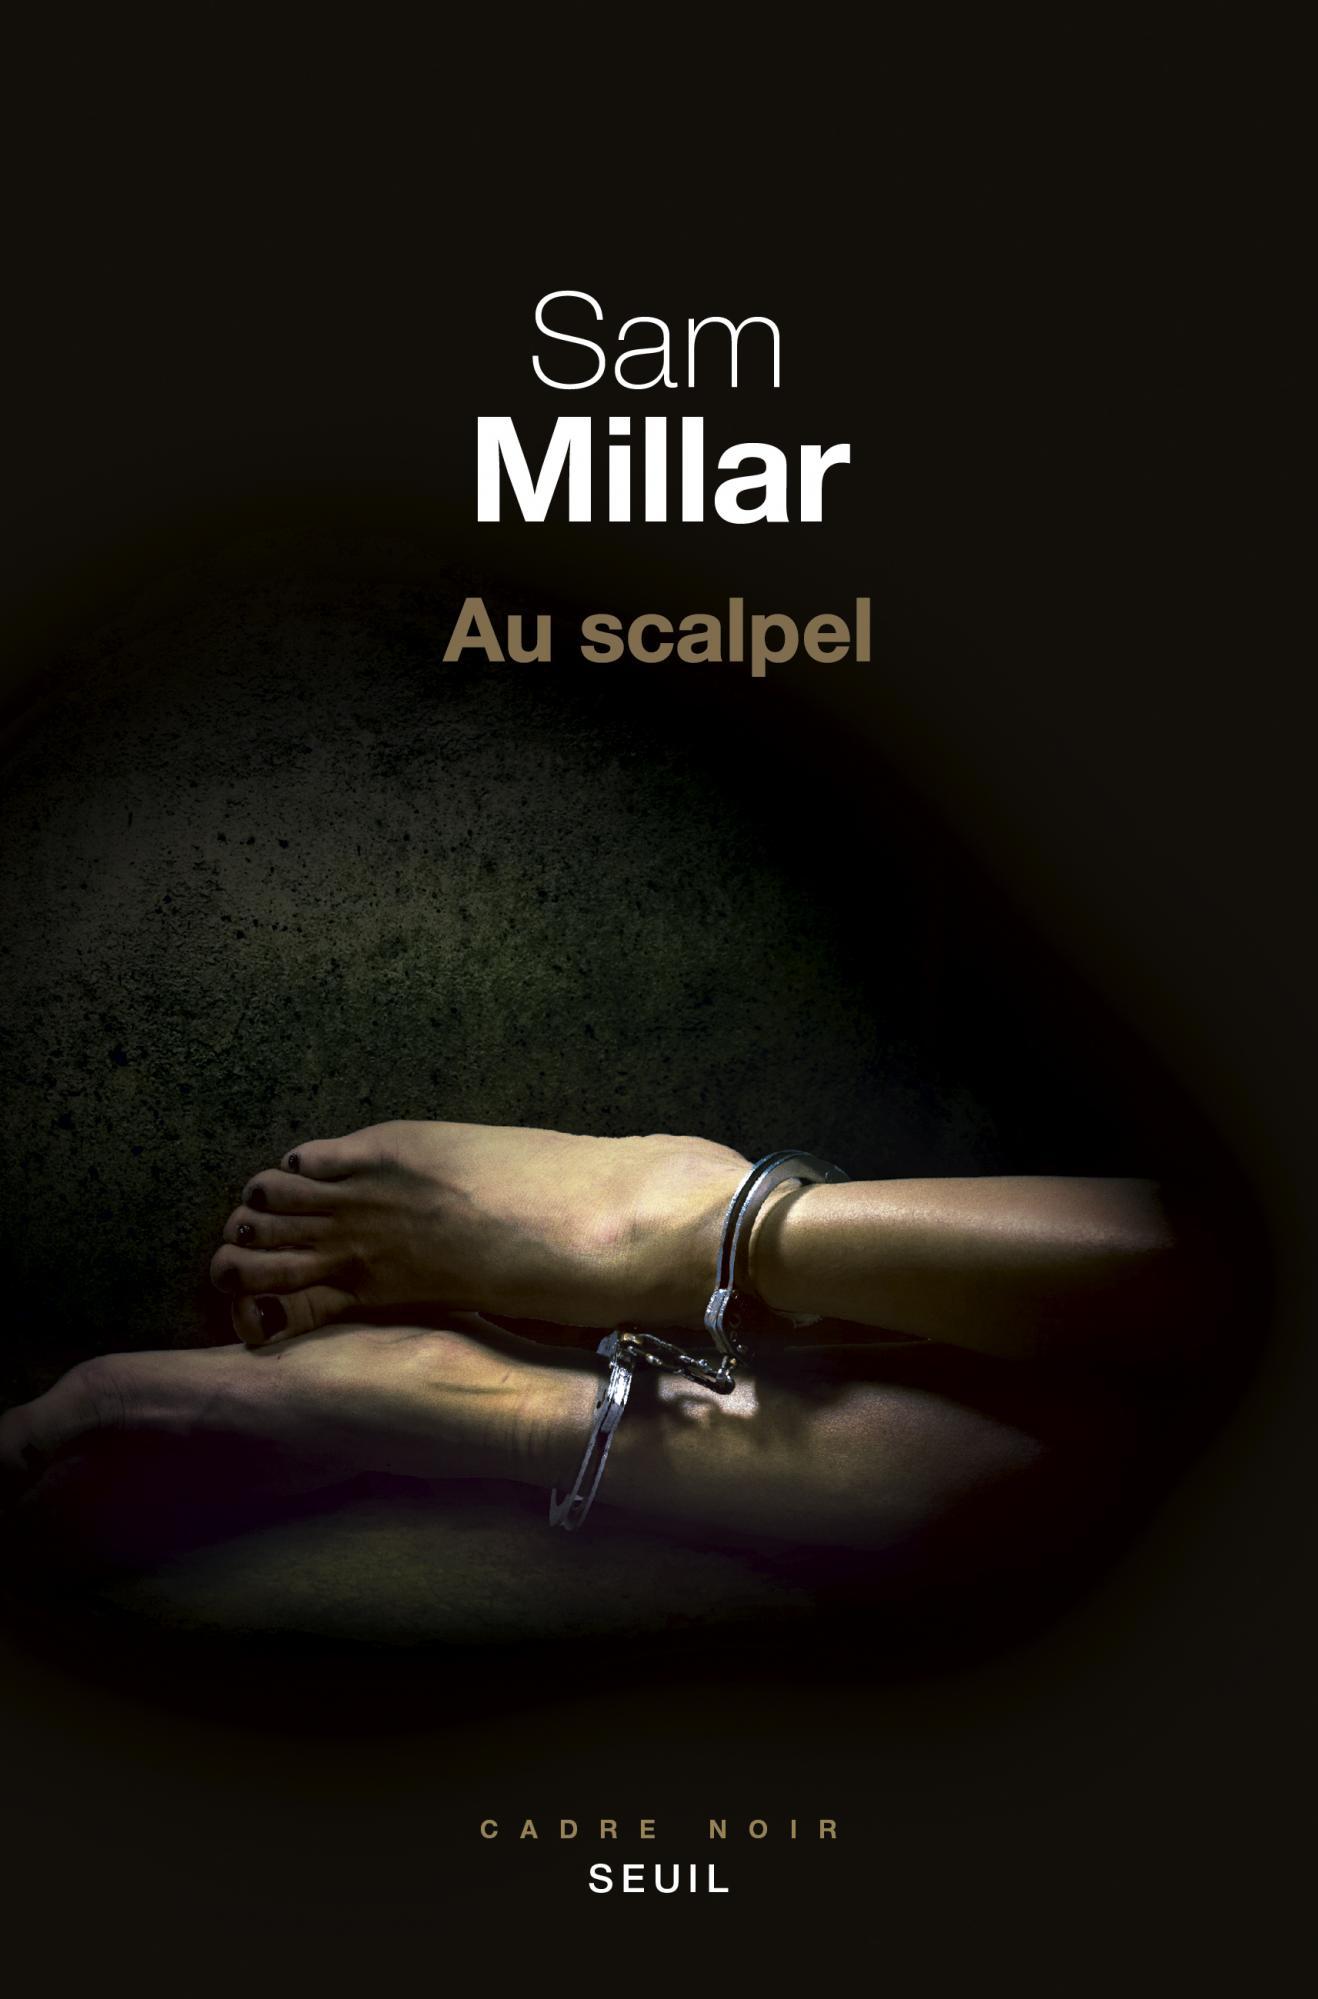 Au scalpel (2017) - Sam Millar